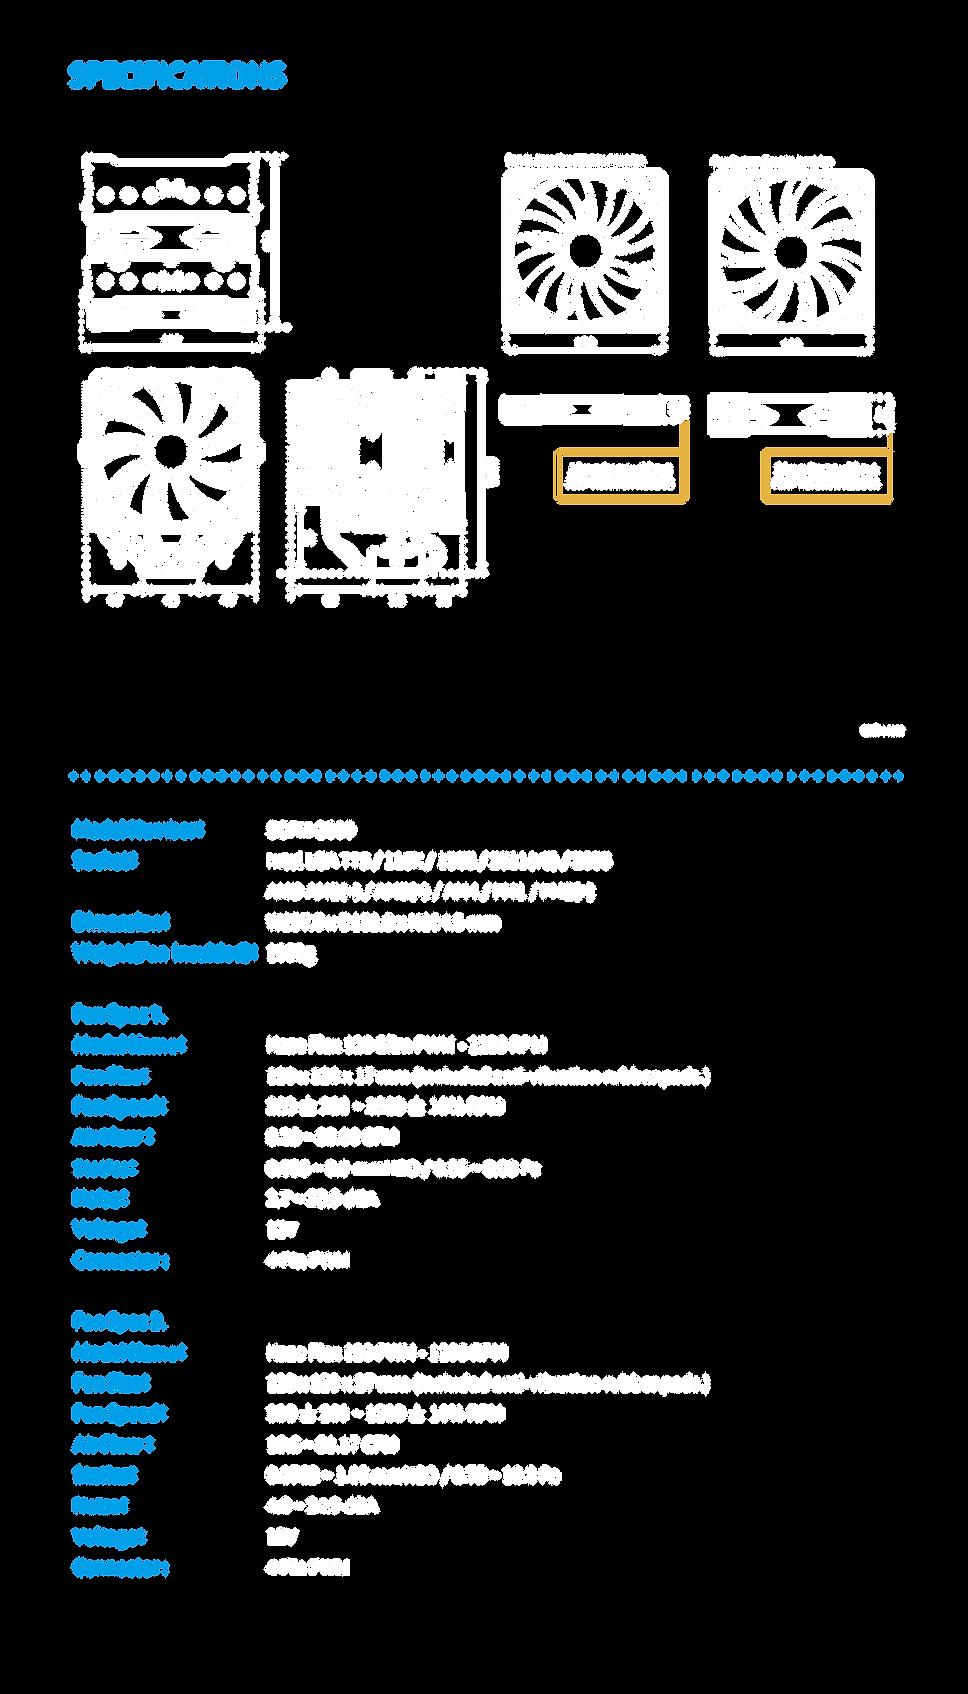 美國官網-規格表-09.png